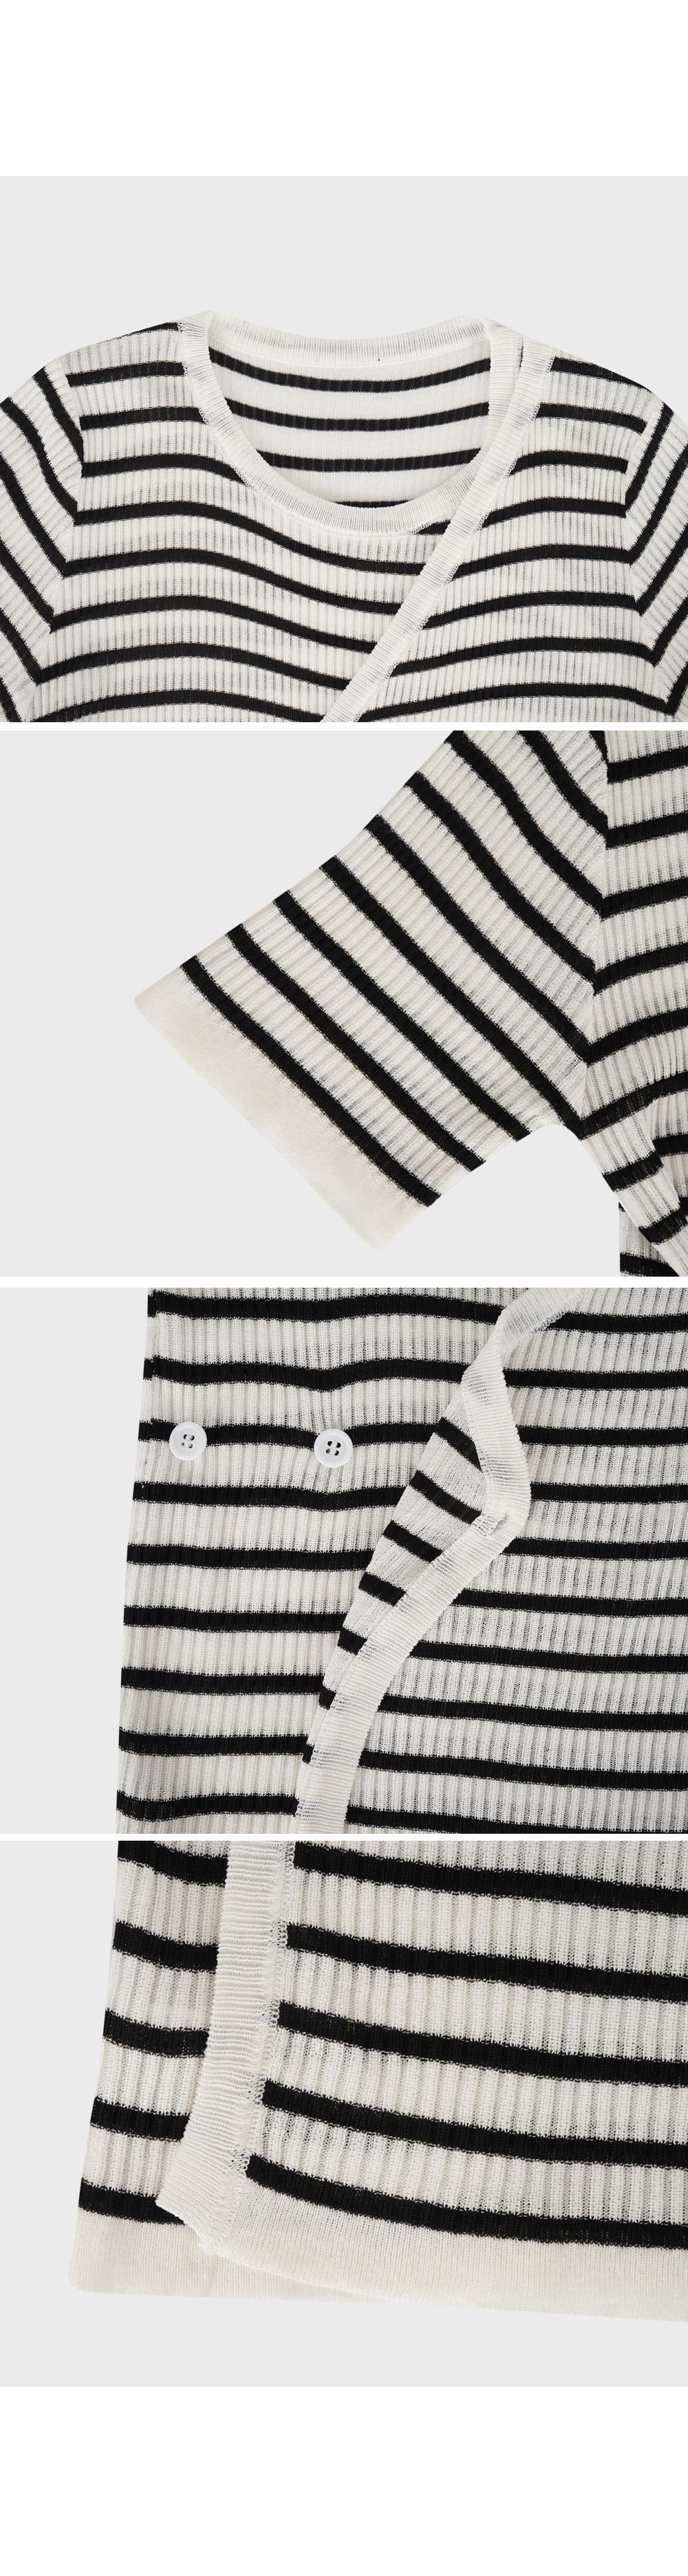 Wrap Style Stripe Knit Top-Holiholic